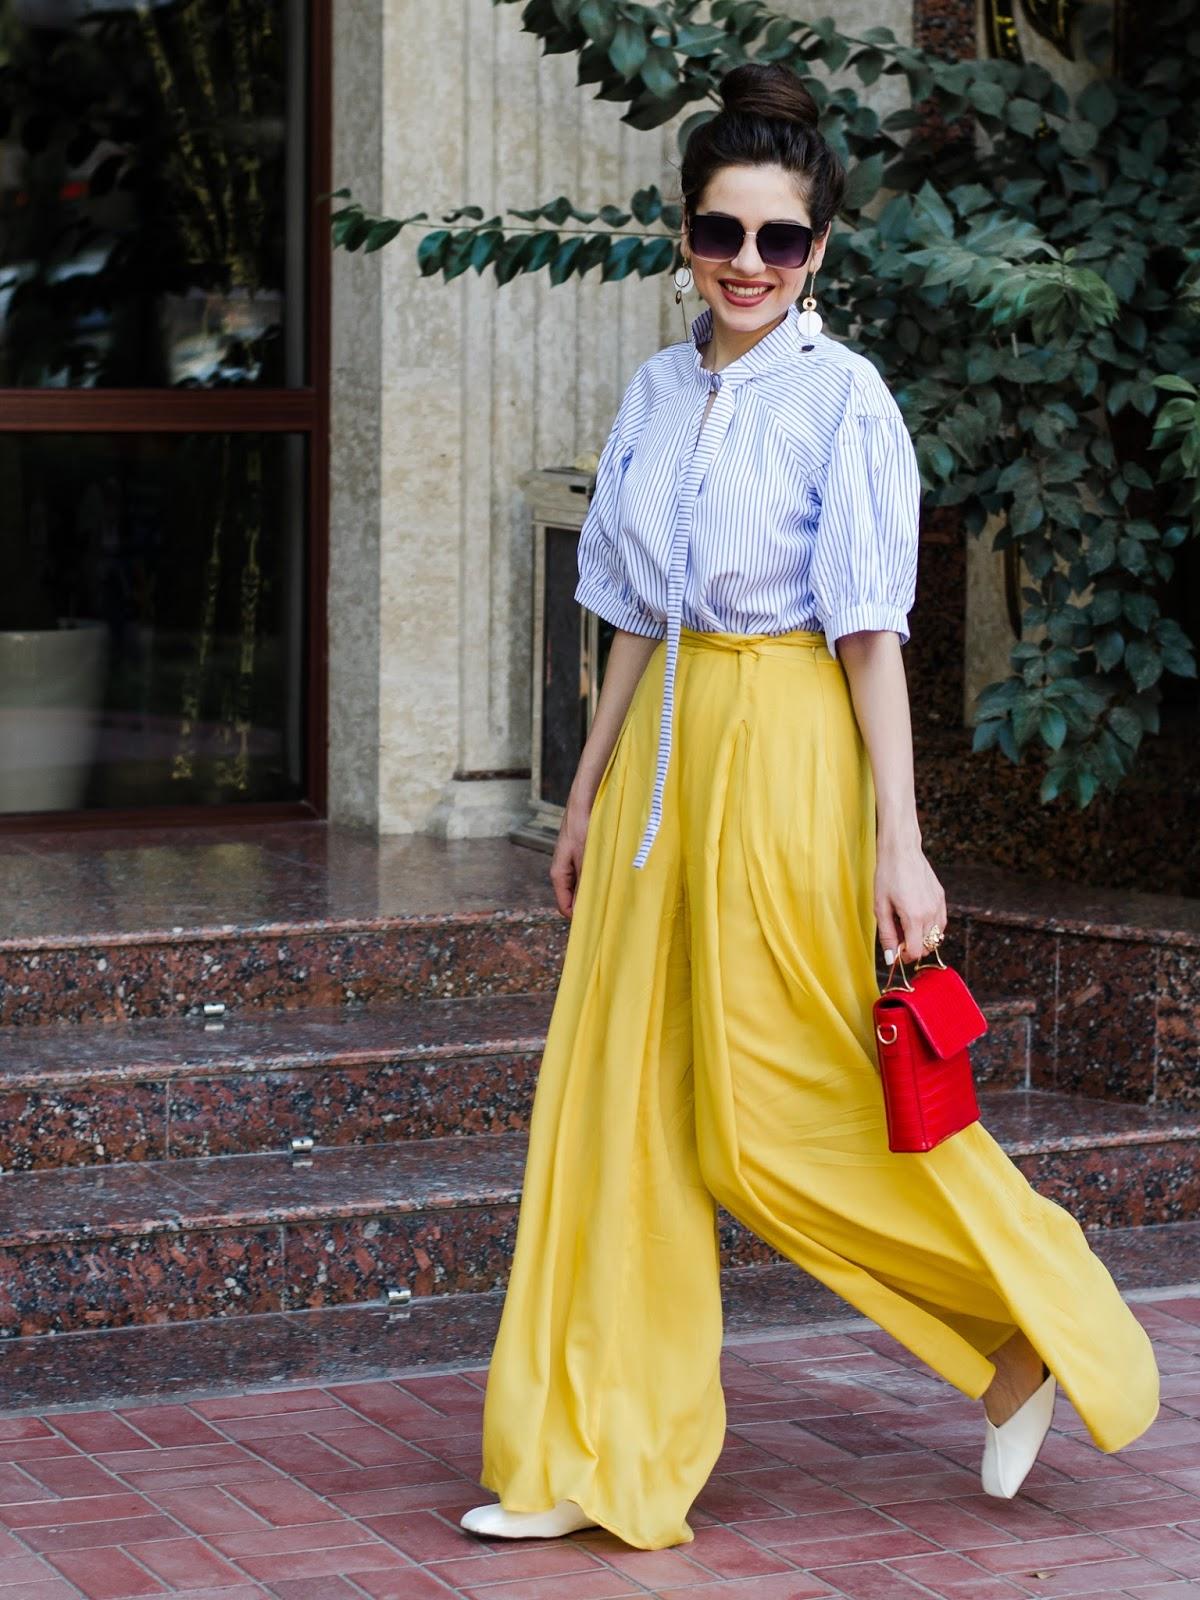 юбка 2019 фото новинки весна лето: брюки желтые